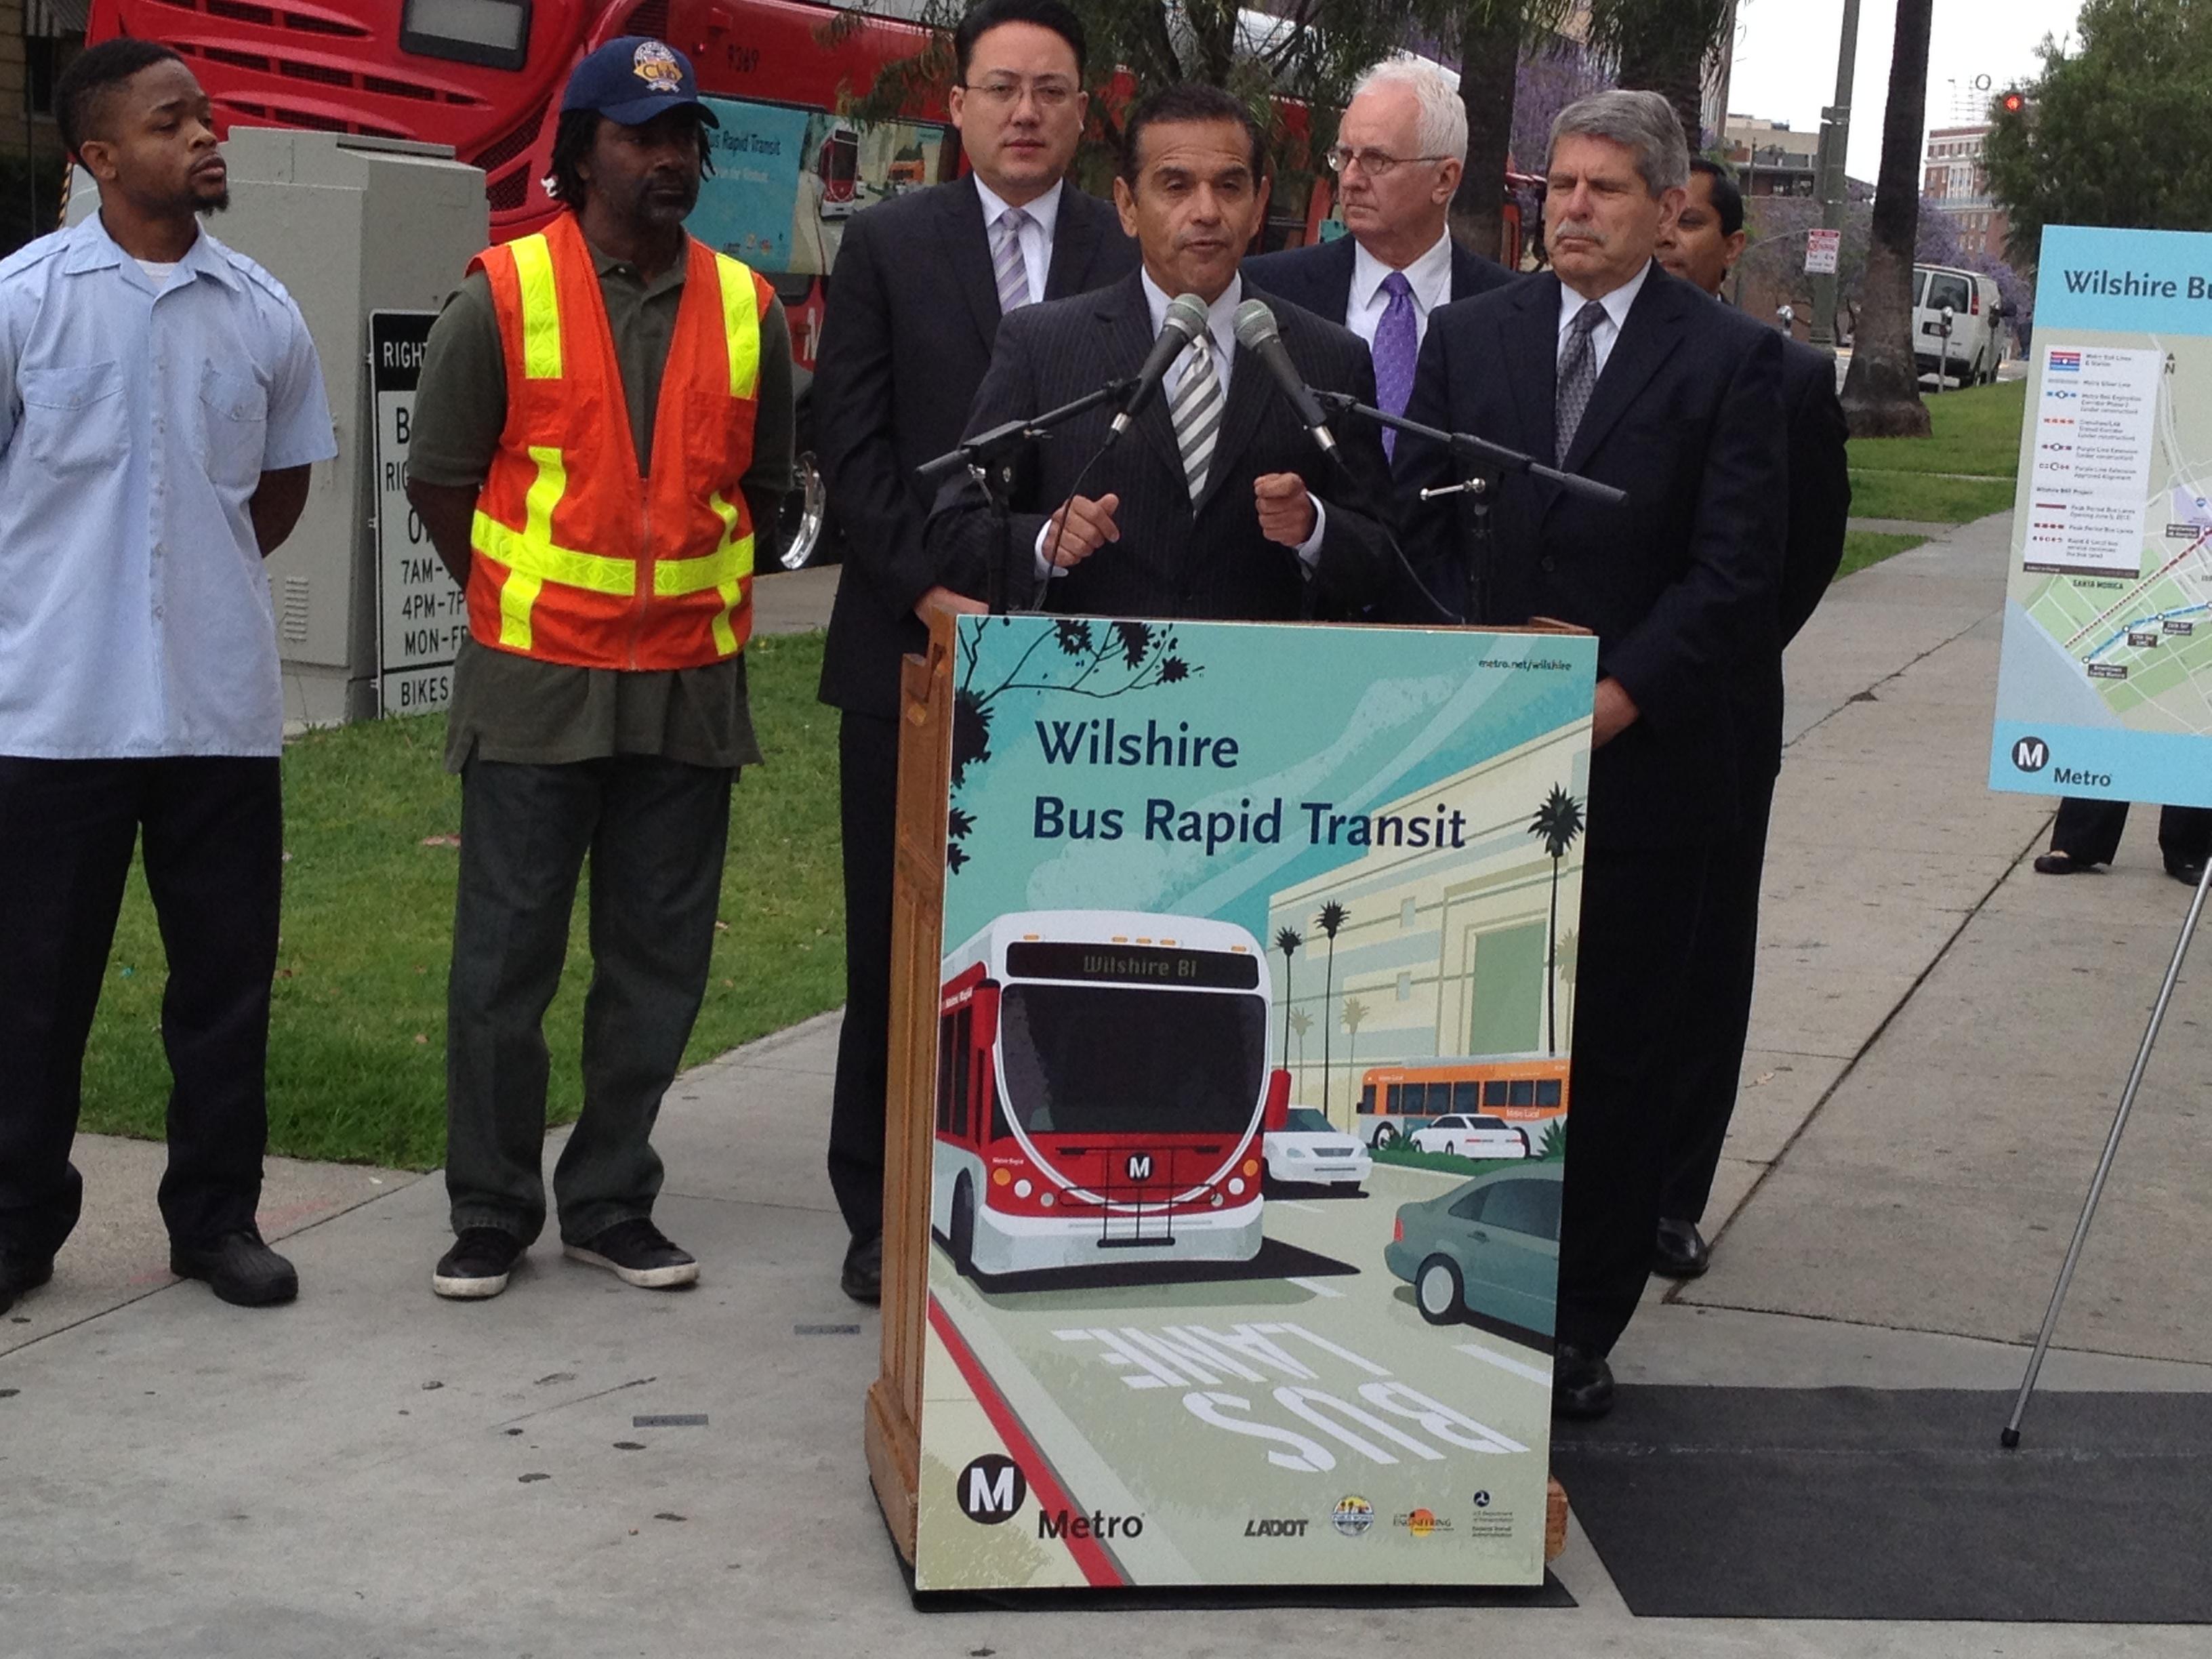 El alcalde de Los Ángeles, Antonio Villaraigosa, durante la ceremonia para anunciar la apertura de los nuevos carriles exclusivos para autobuses en Wilshire Boulevard. Le acompañan  funcionarios de Metro, de la ciudad y del condado de L.A. Foto: José Ubaldo/Metro.